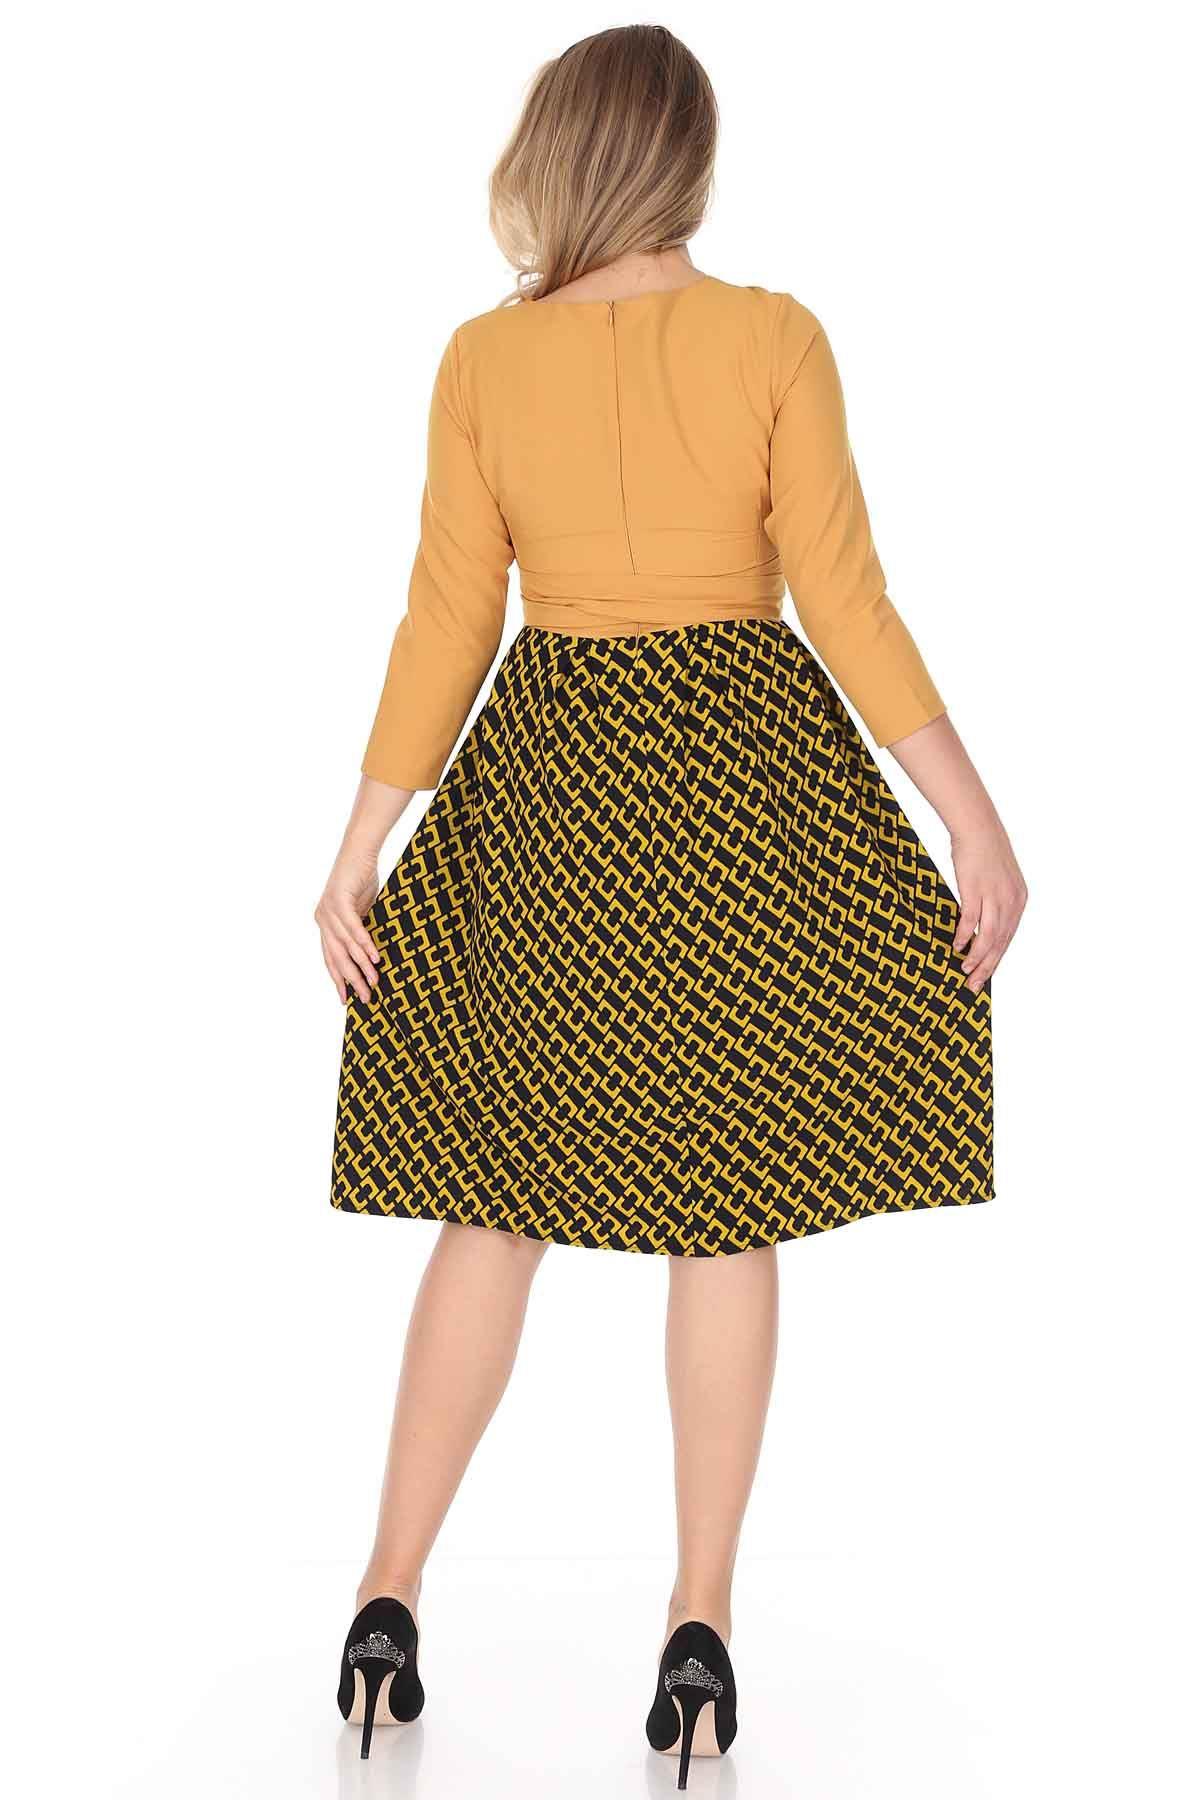 Eteği Kloş Büyük Beden Elbise 25A-0942